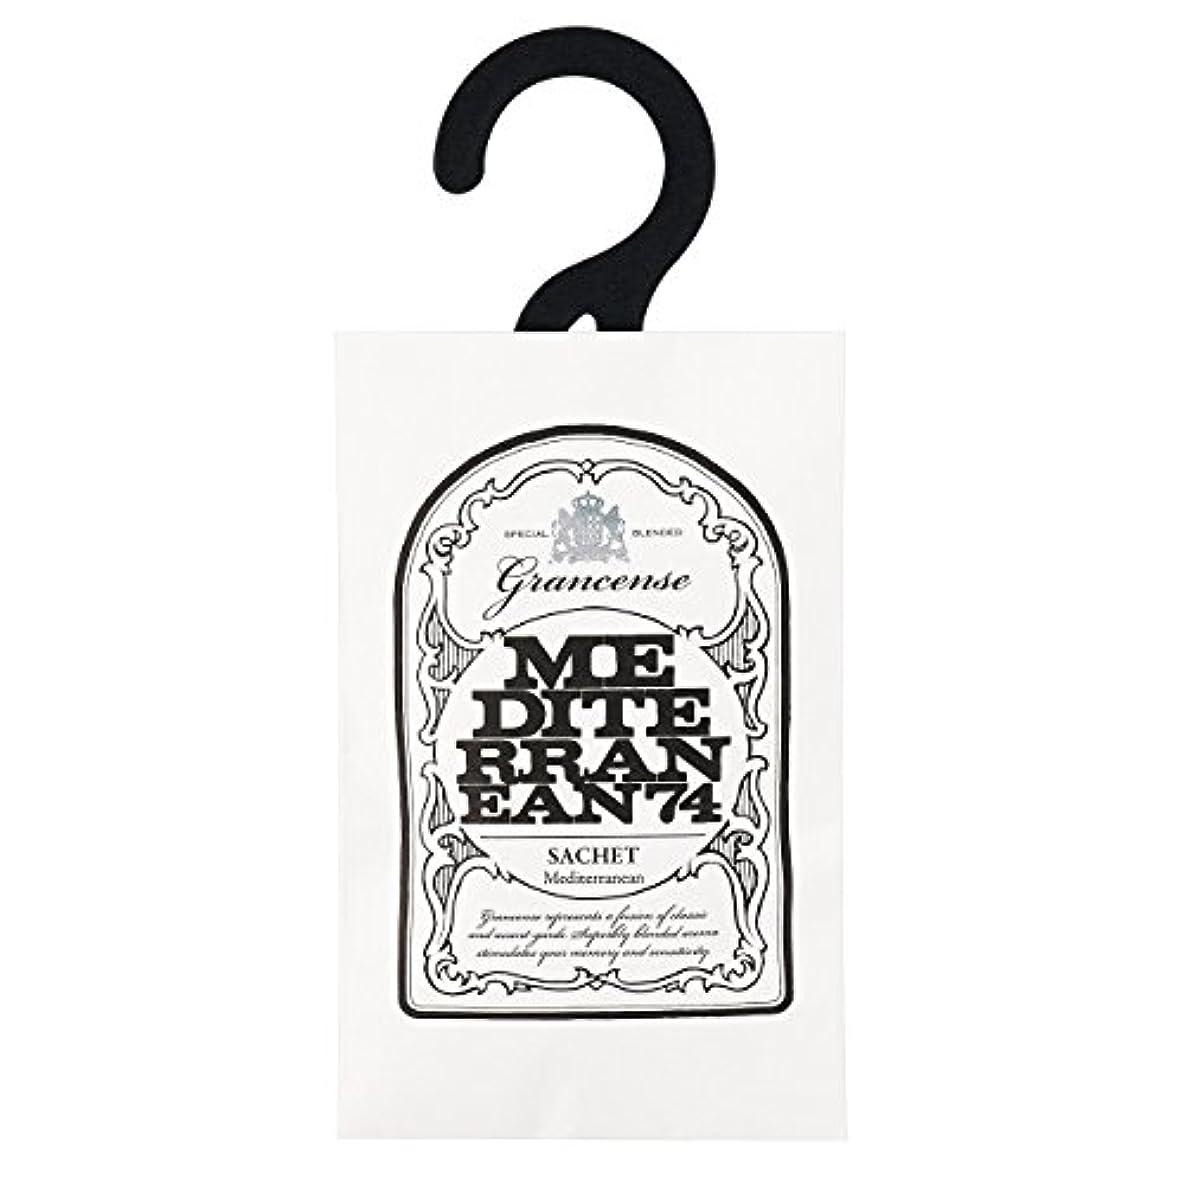 フィットネス二週間配当グランセンス サシェ(約2~4週間) メディテレーニアン 12g(芳香剤 香り袋 アロマサシェ 潮風を感じさせてくれるアクアティック?フローラルの香り)